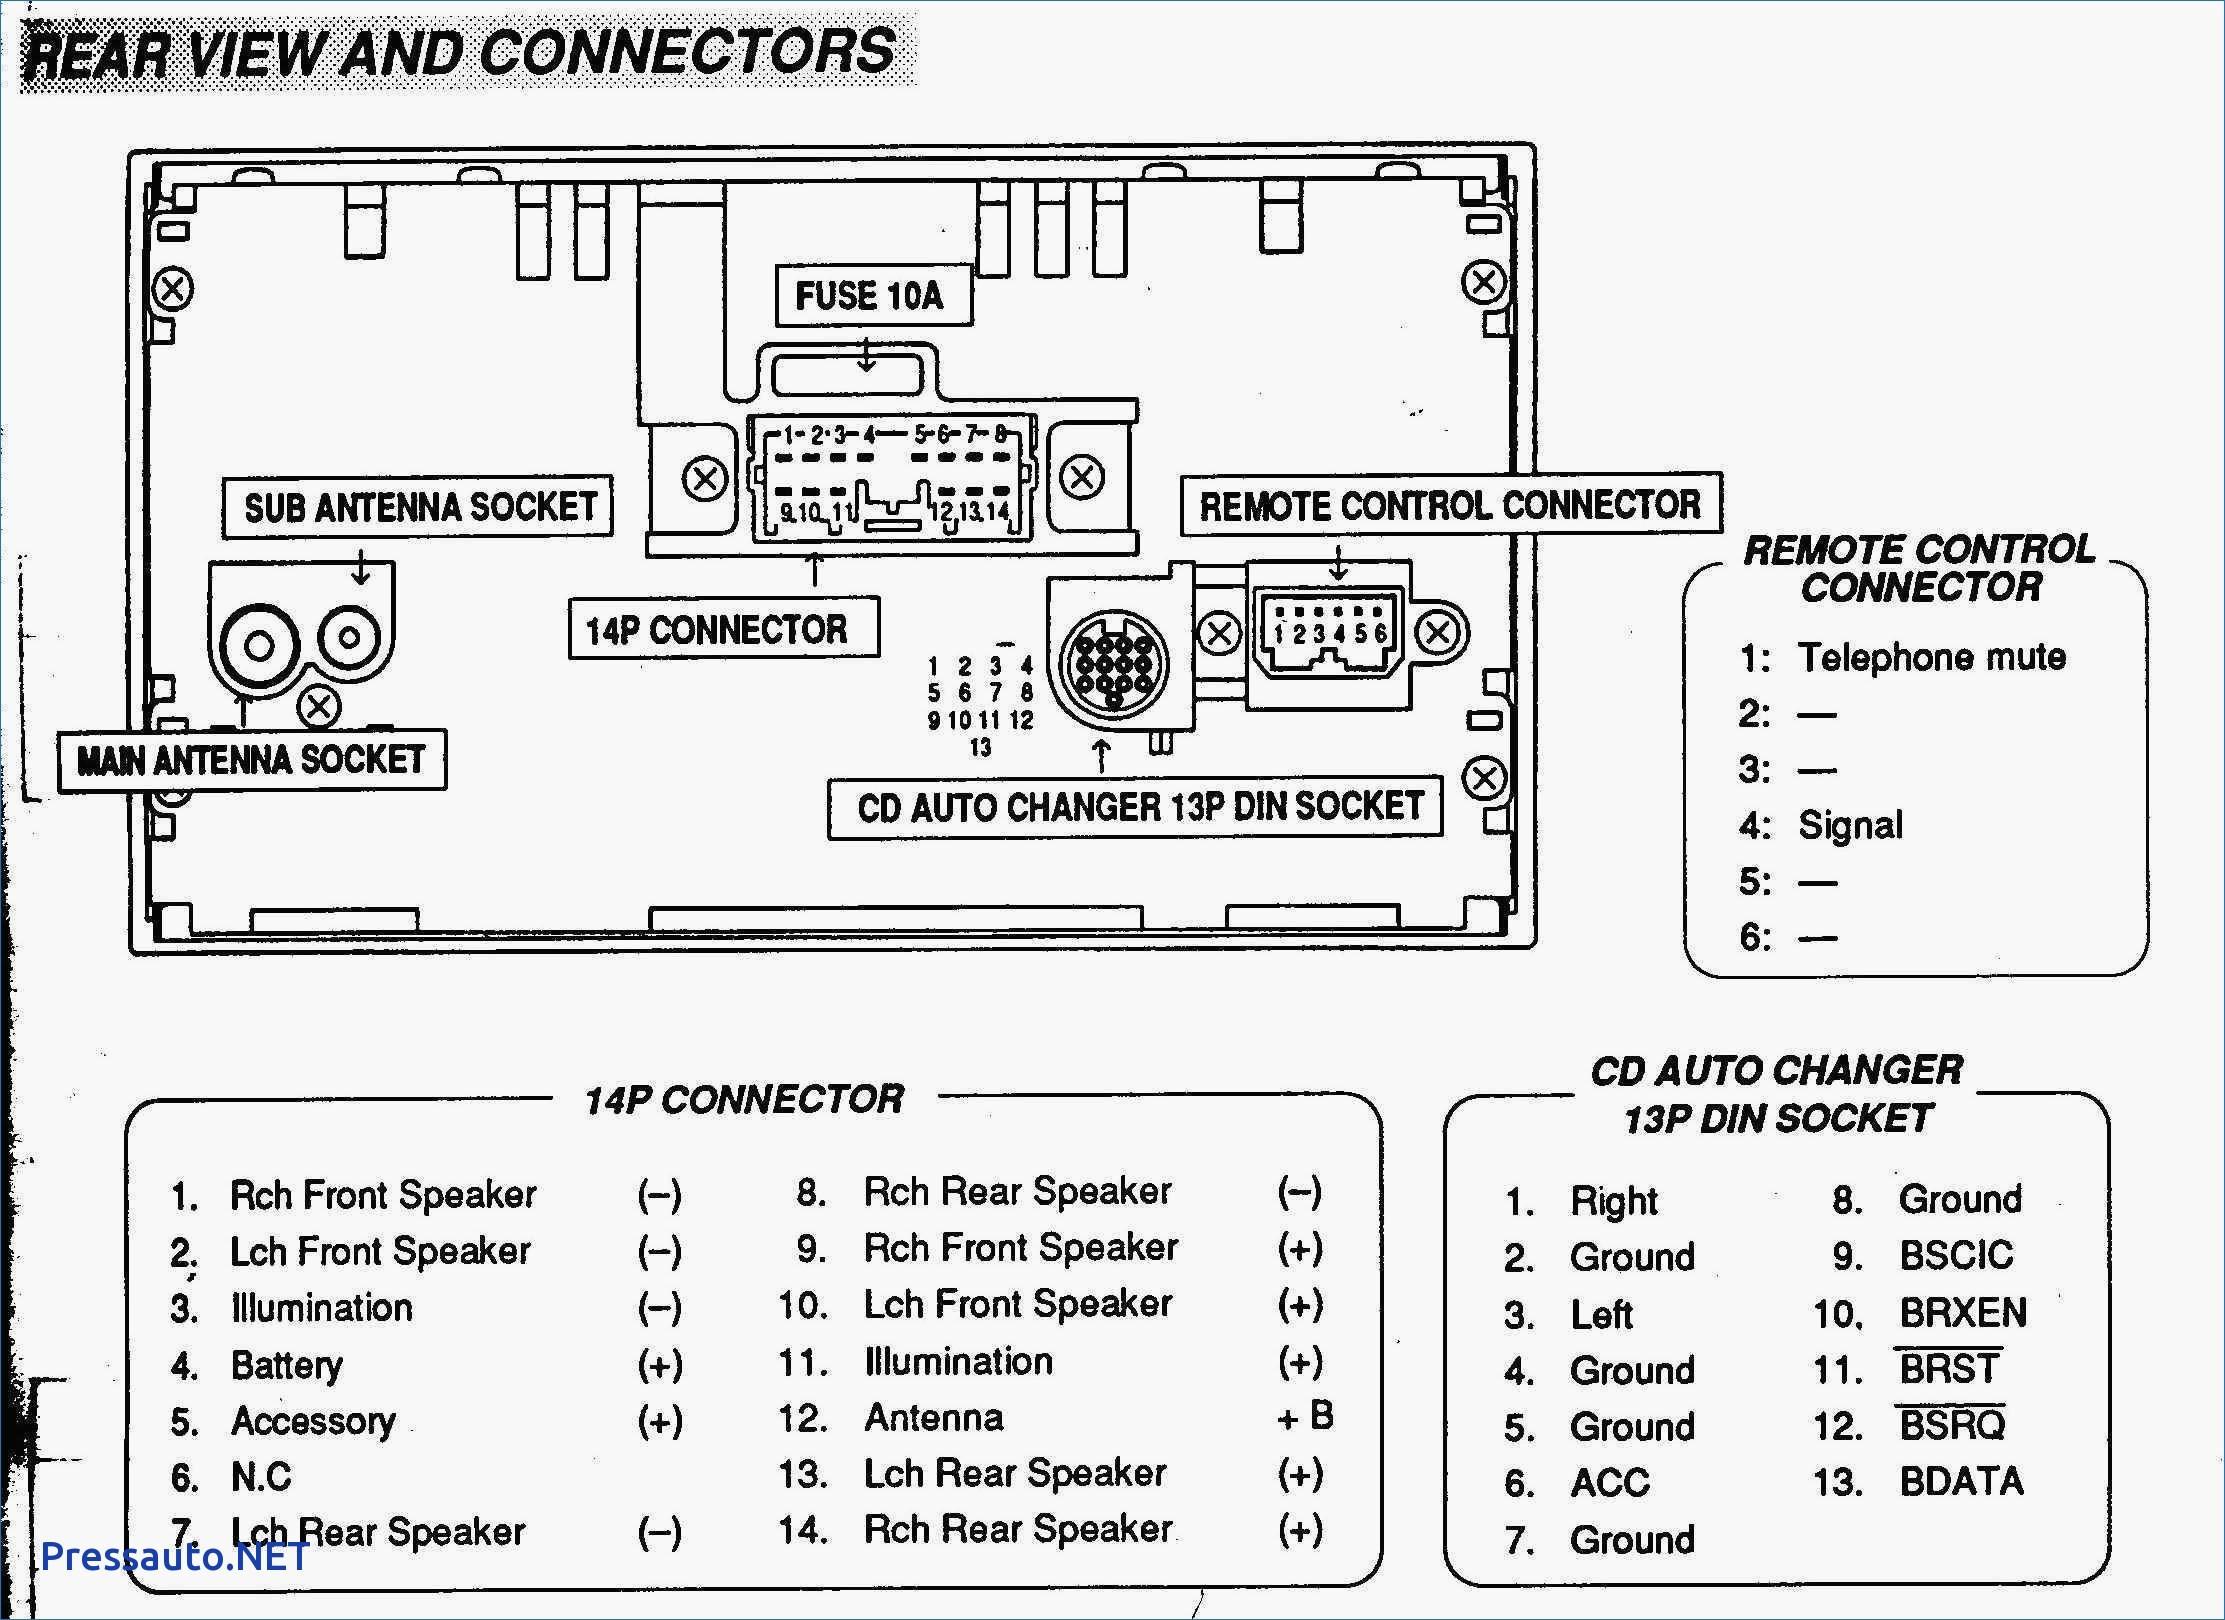 Boss Bv9967bi Wiring Diagram - Rsx Fog Light Wire Diagram -  karo-wong-liyo.jeanjaures37.frWiring Diagram Resource